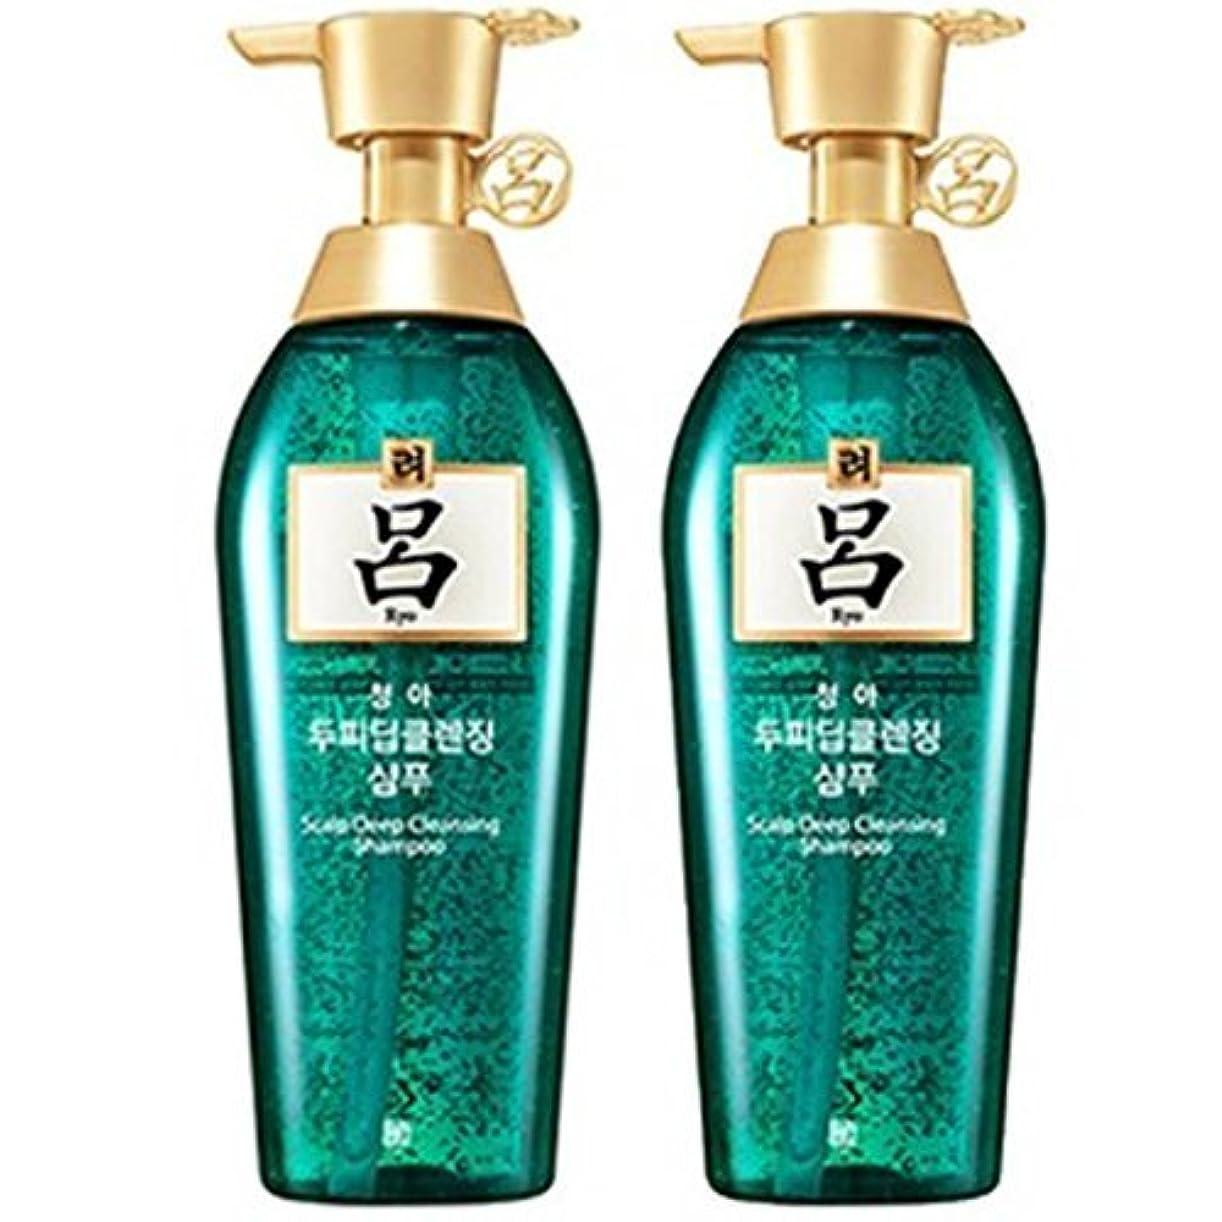 石鹸南西心配[RYO/呂/リョ] 清雅頭皮 ディープ クレンジング 企画セット(シャンプー/400mlX2ea)/Cheong ah Scalp Deep Cleansing Shampoo